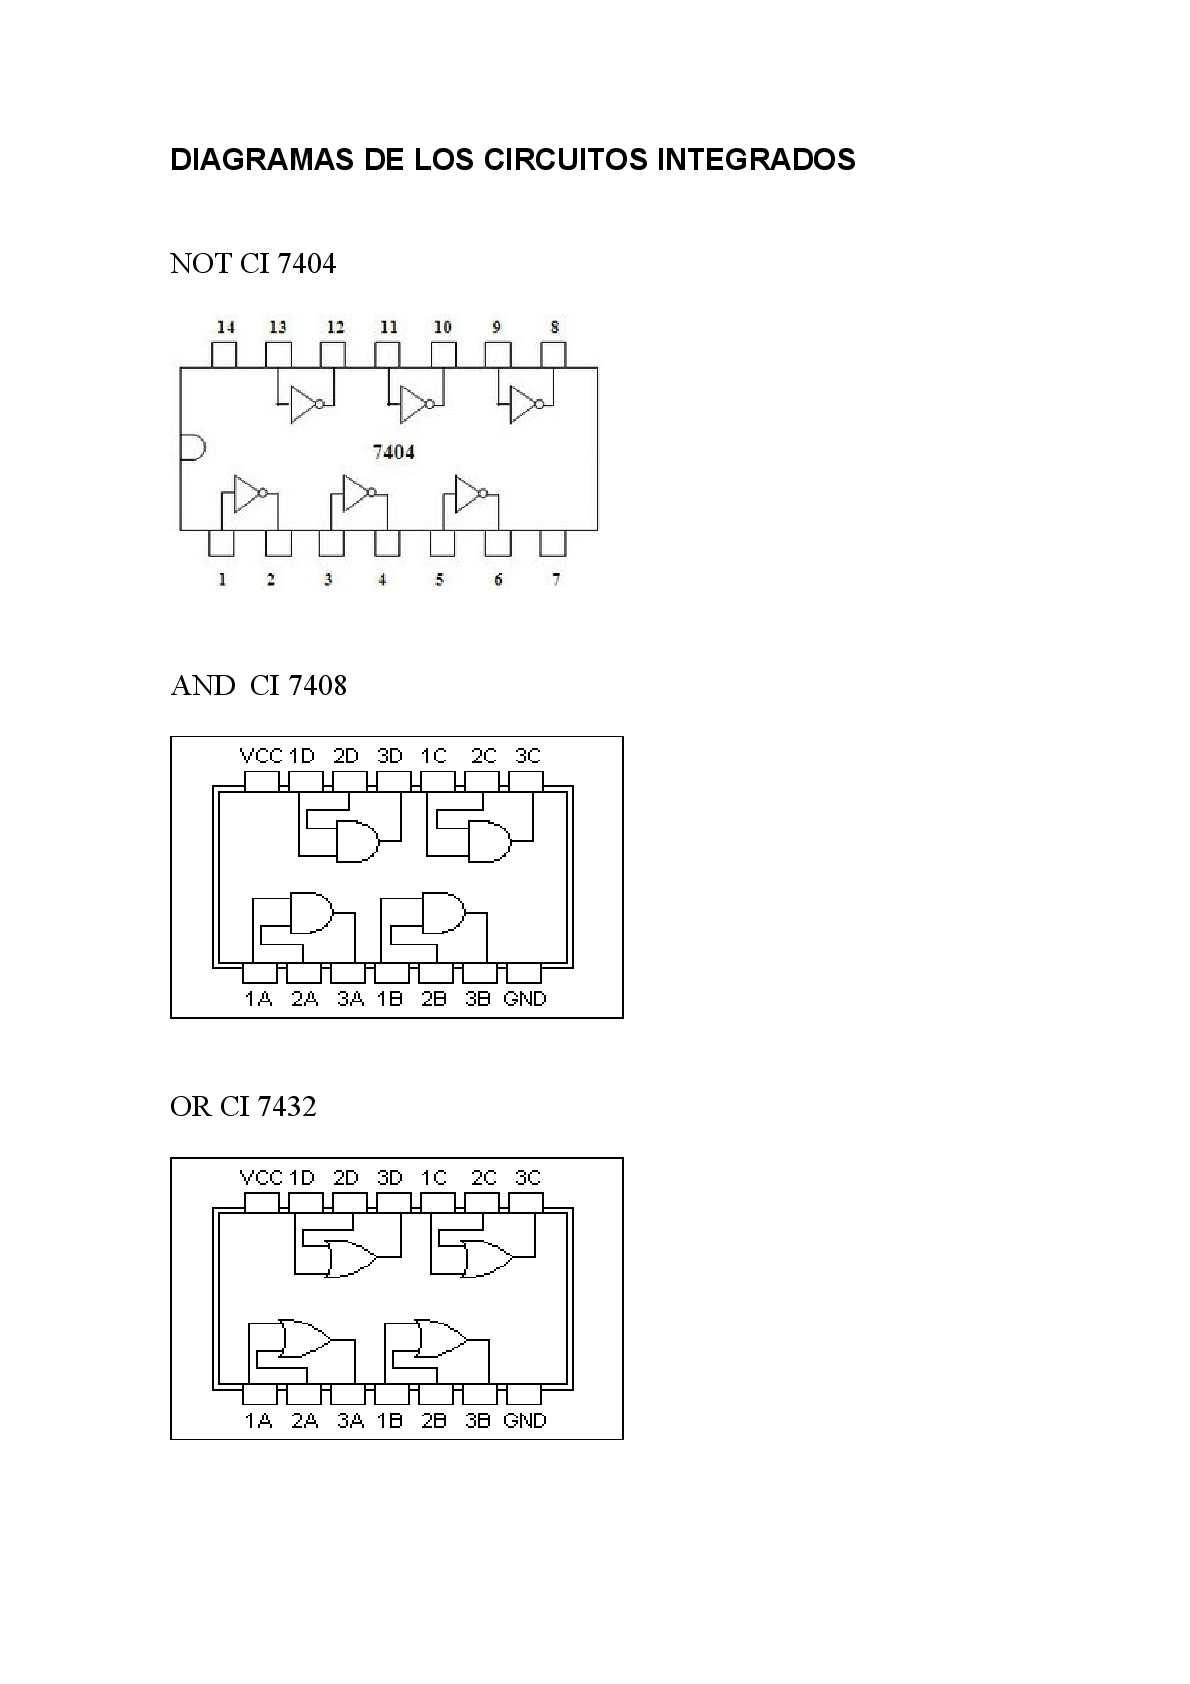 Circuito Integrado 7404 : Calaméo ci data chips catalogo